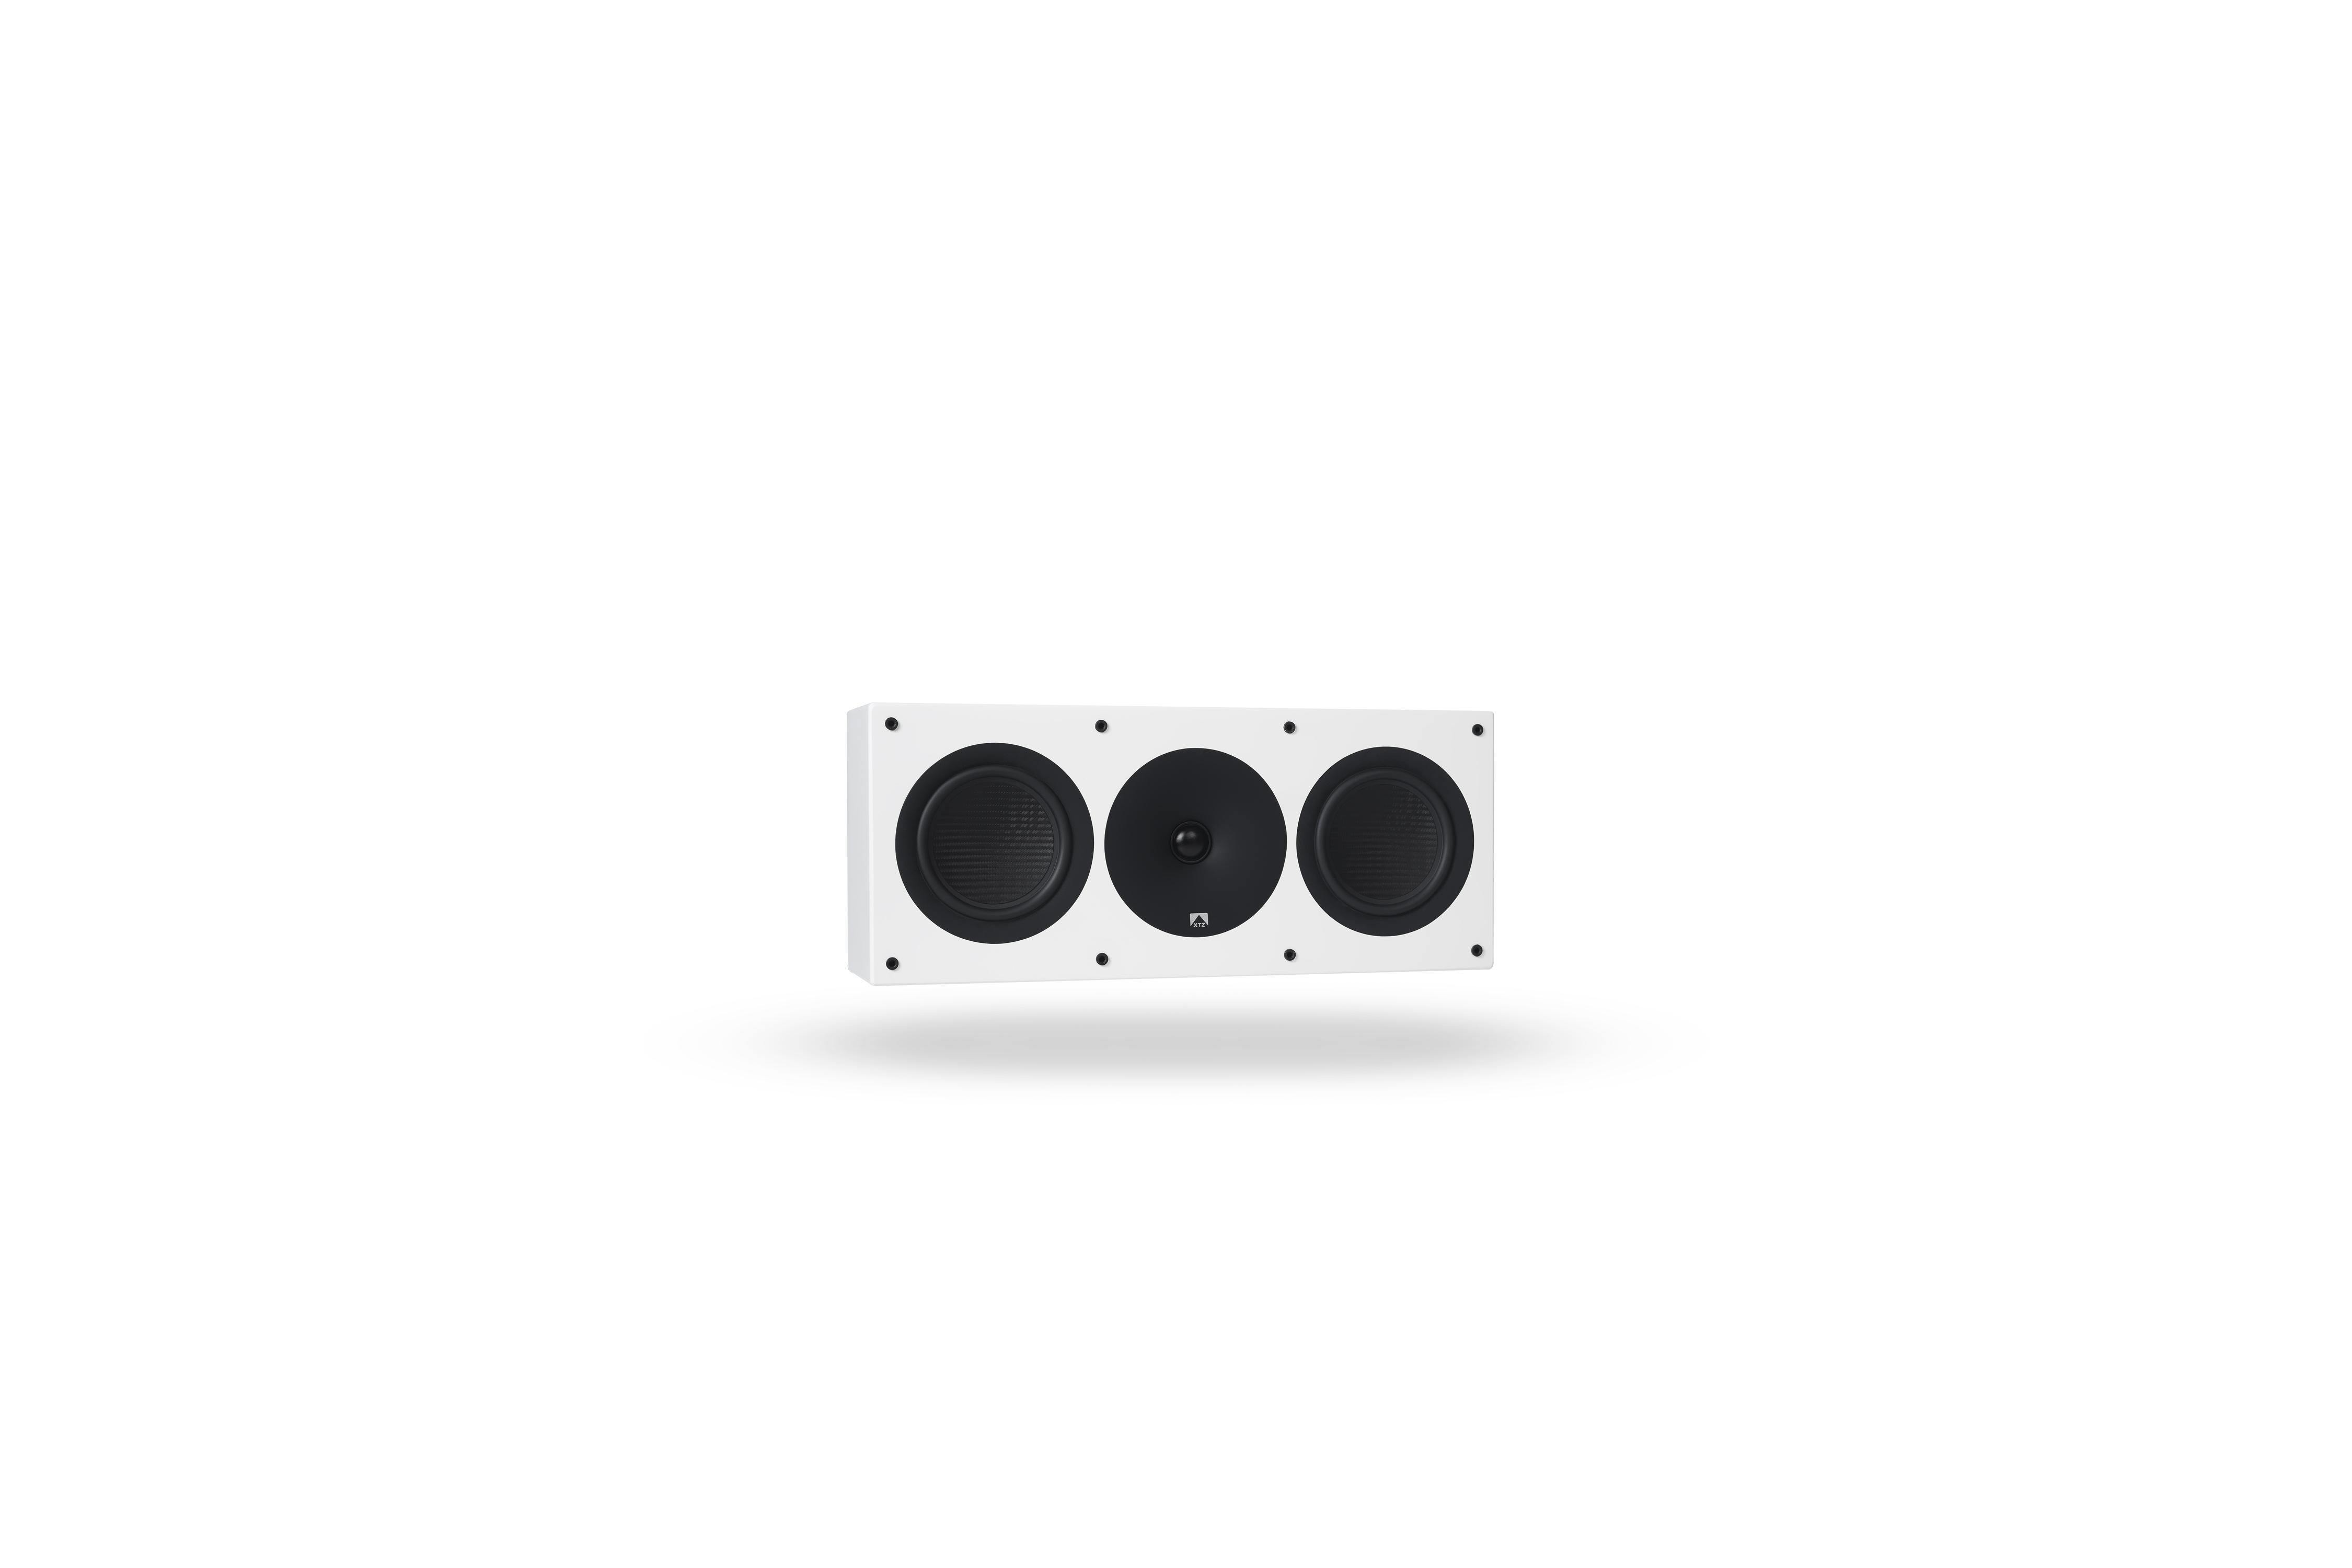 XTZ Spirit 6 center speaker - XTZ Sound in Balance